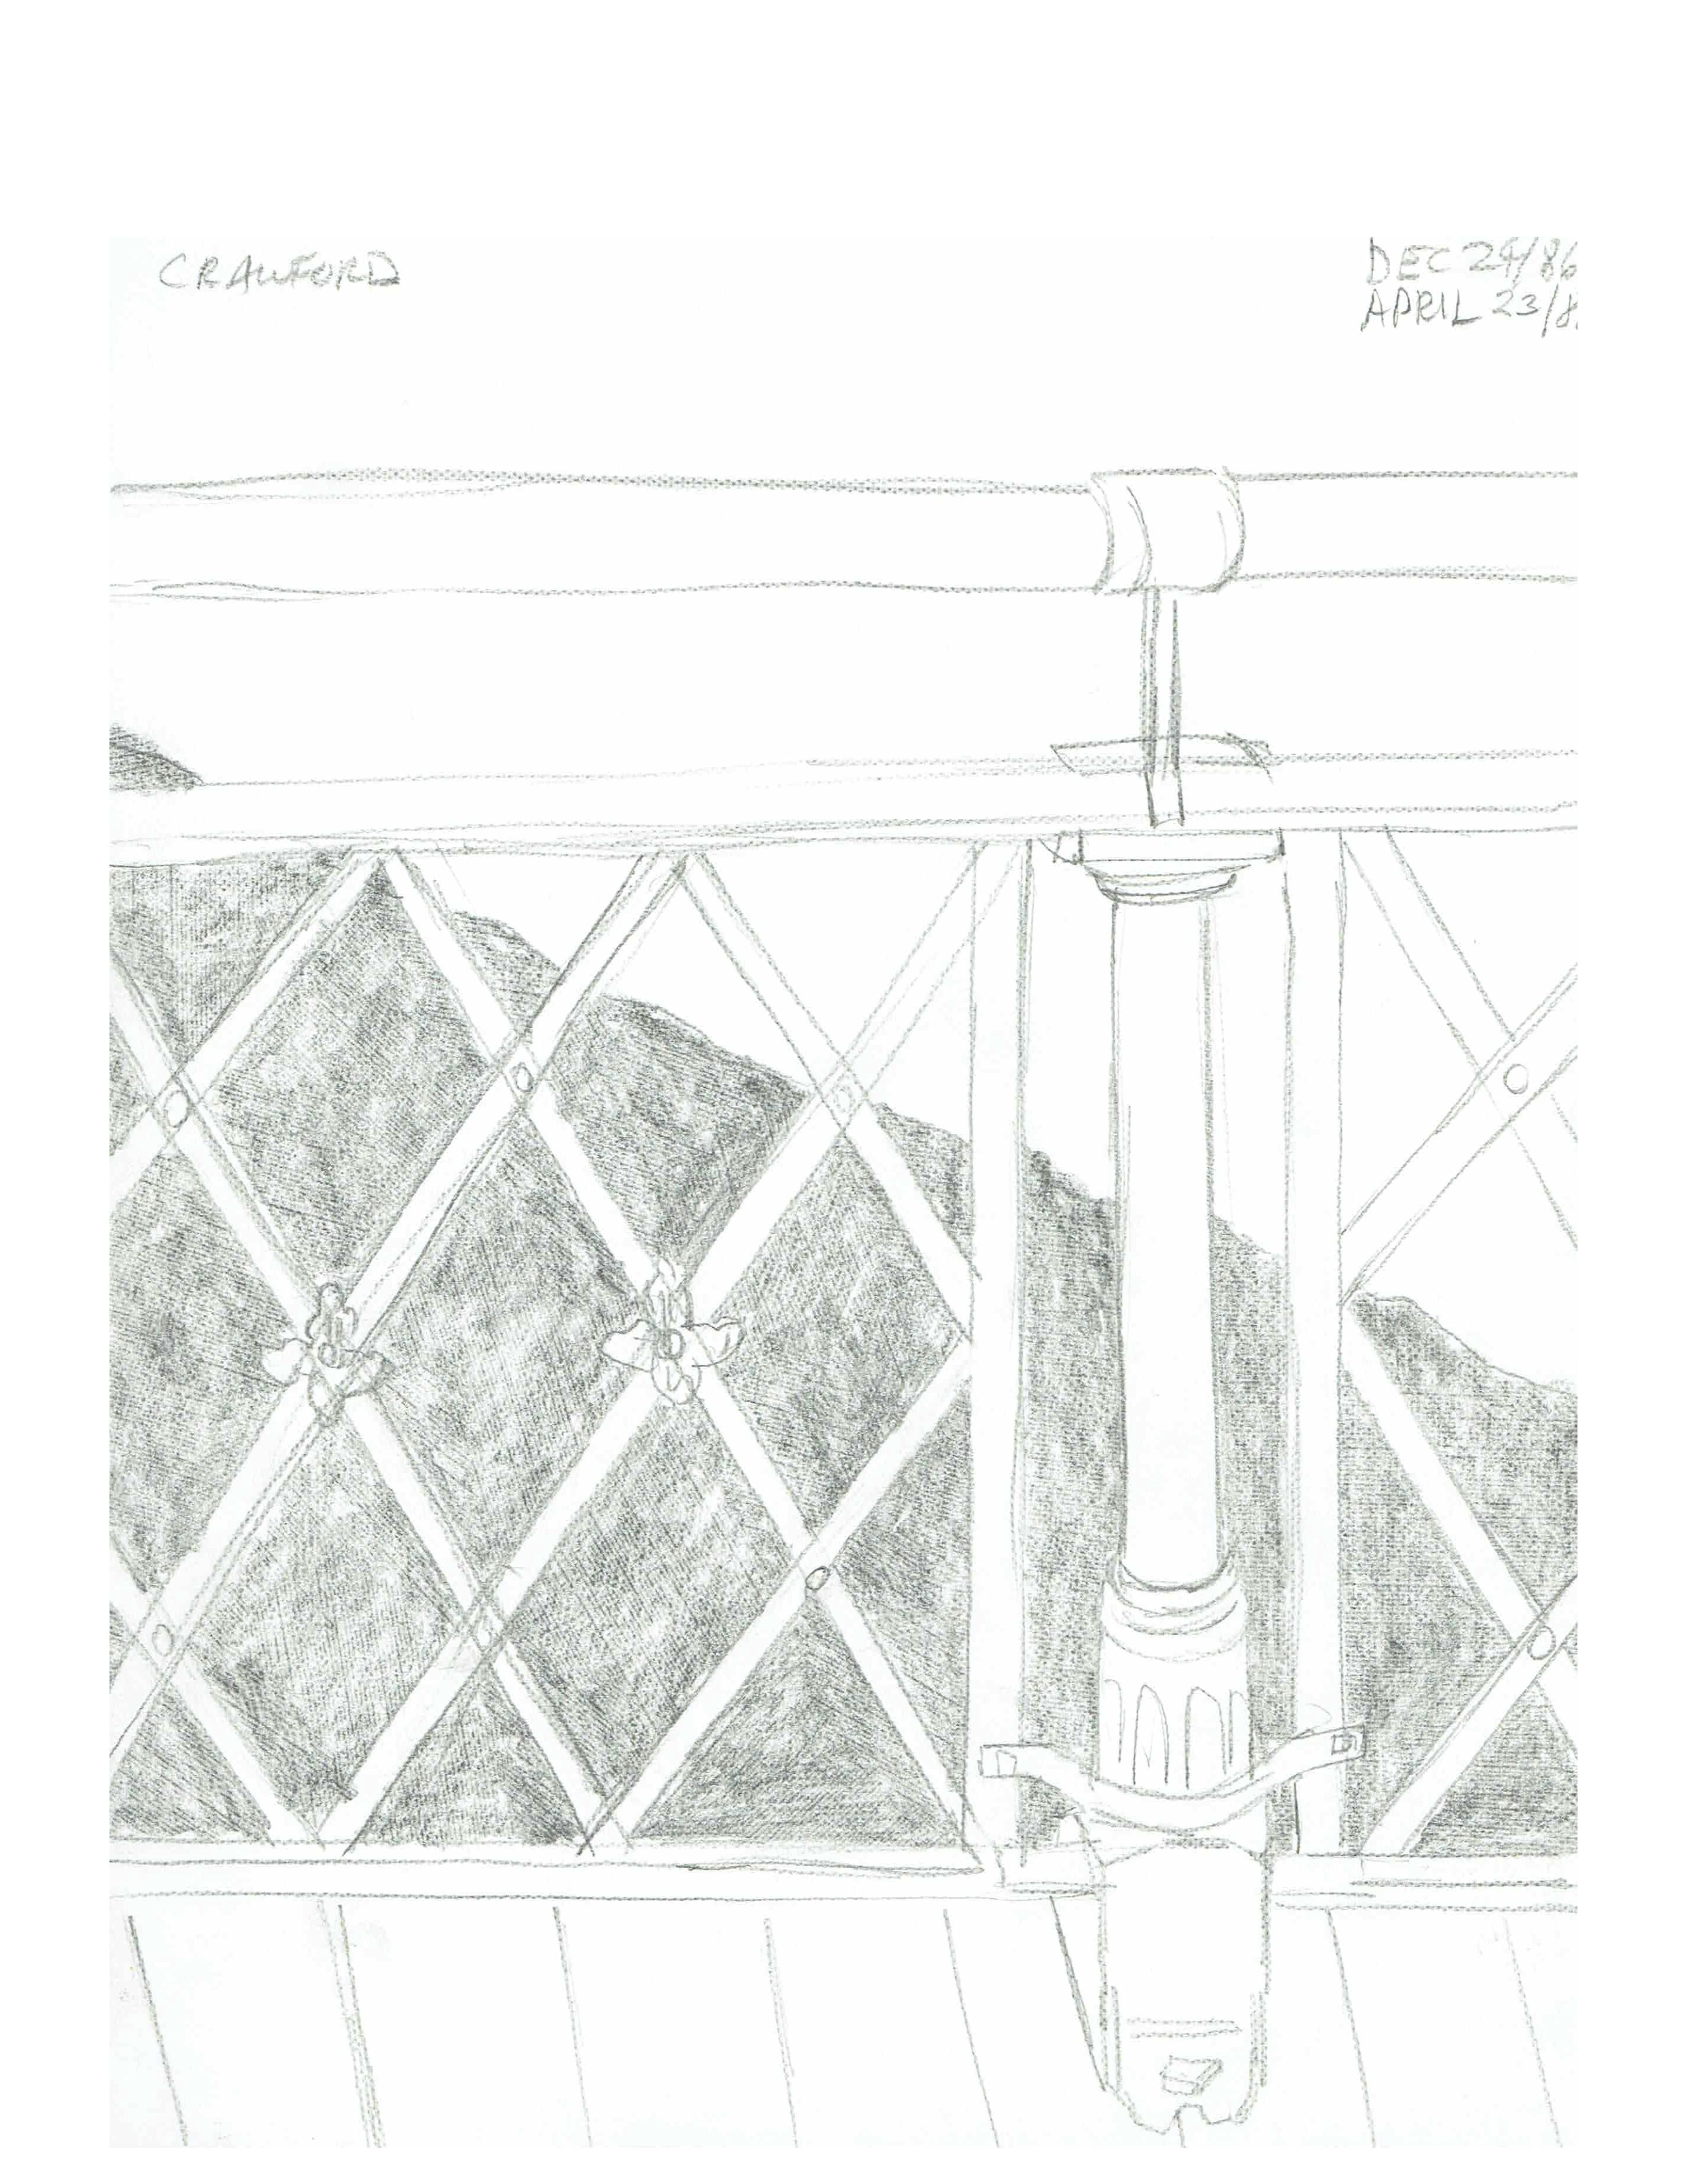 Bridge detail of railing, Dec 24, 1986 - April 23, 1988, pencil on paper, 21.6 cm x 28 cm